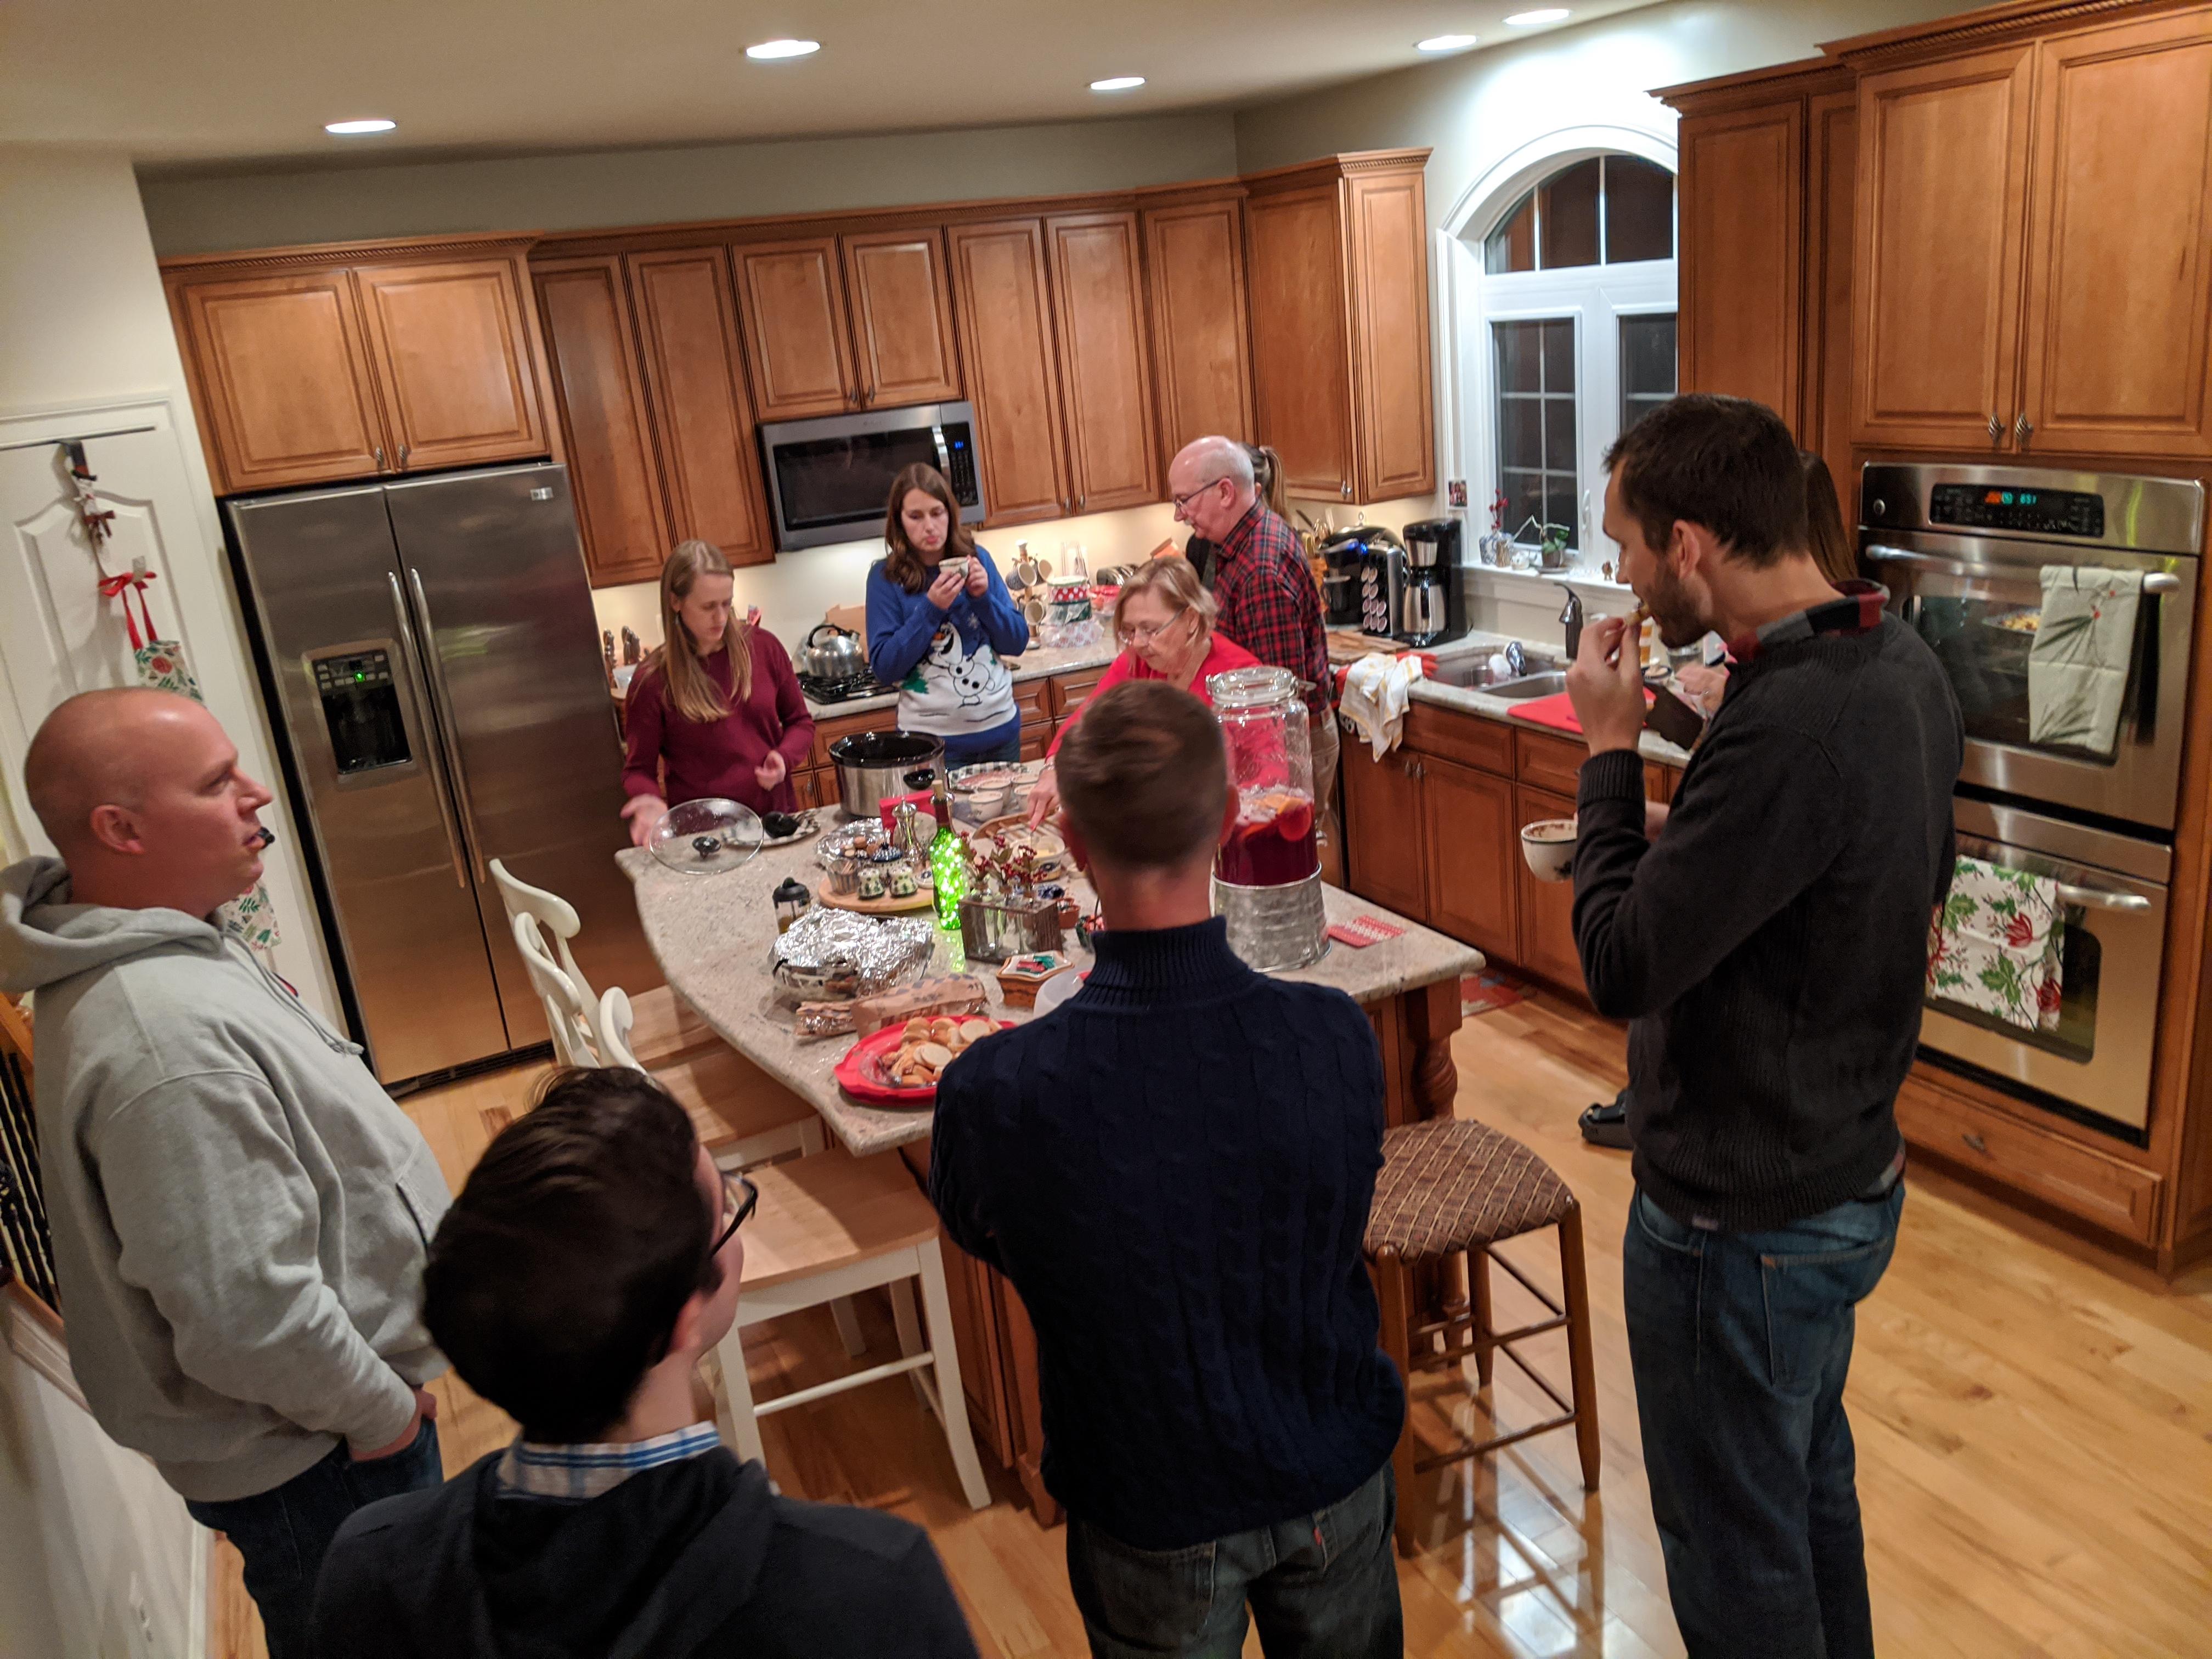 Small group Christmas gathering